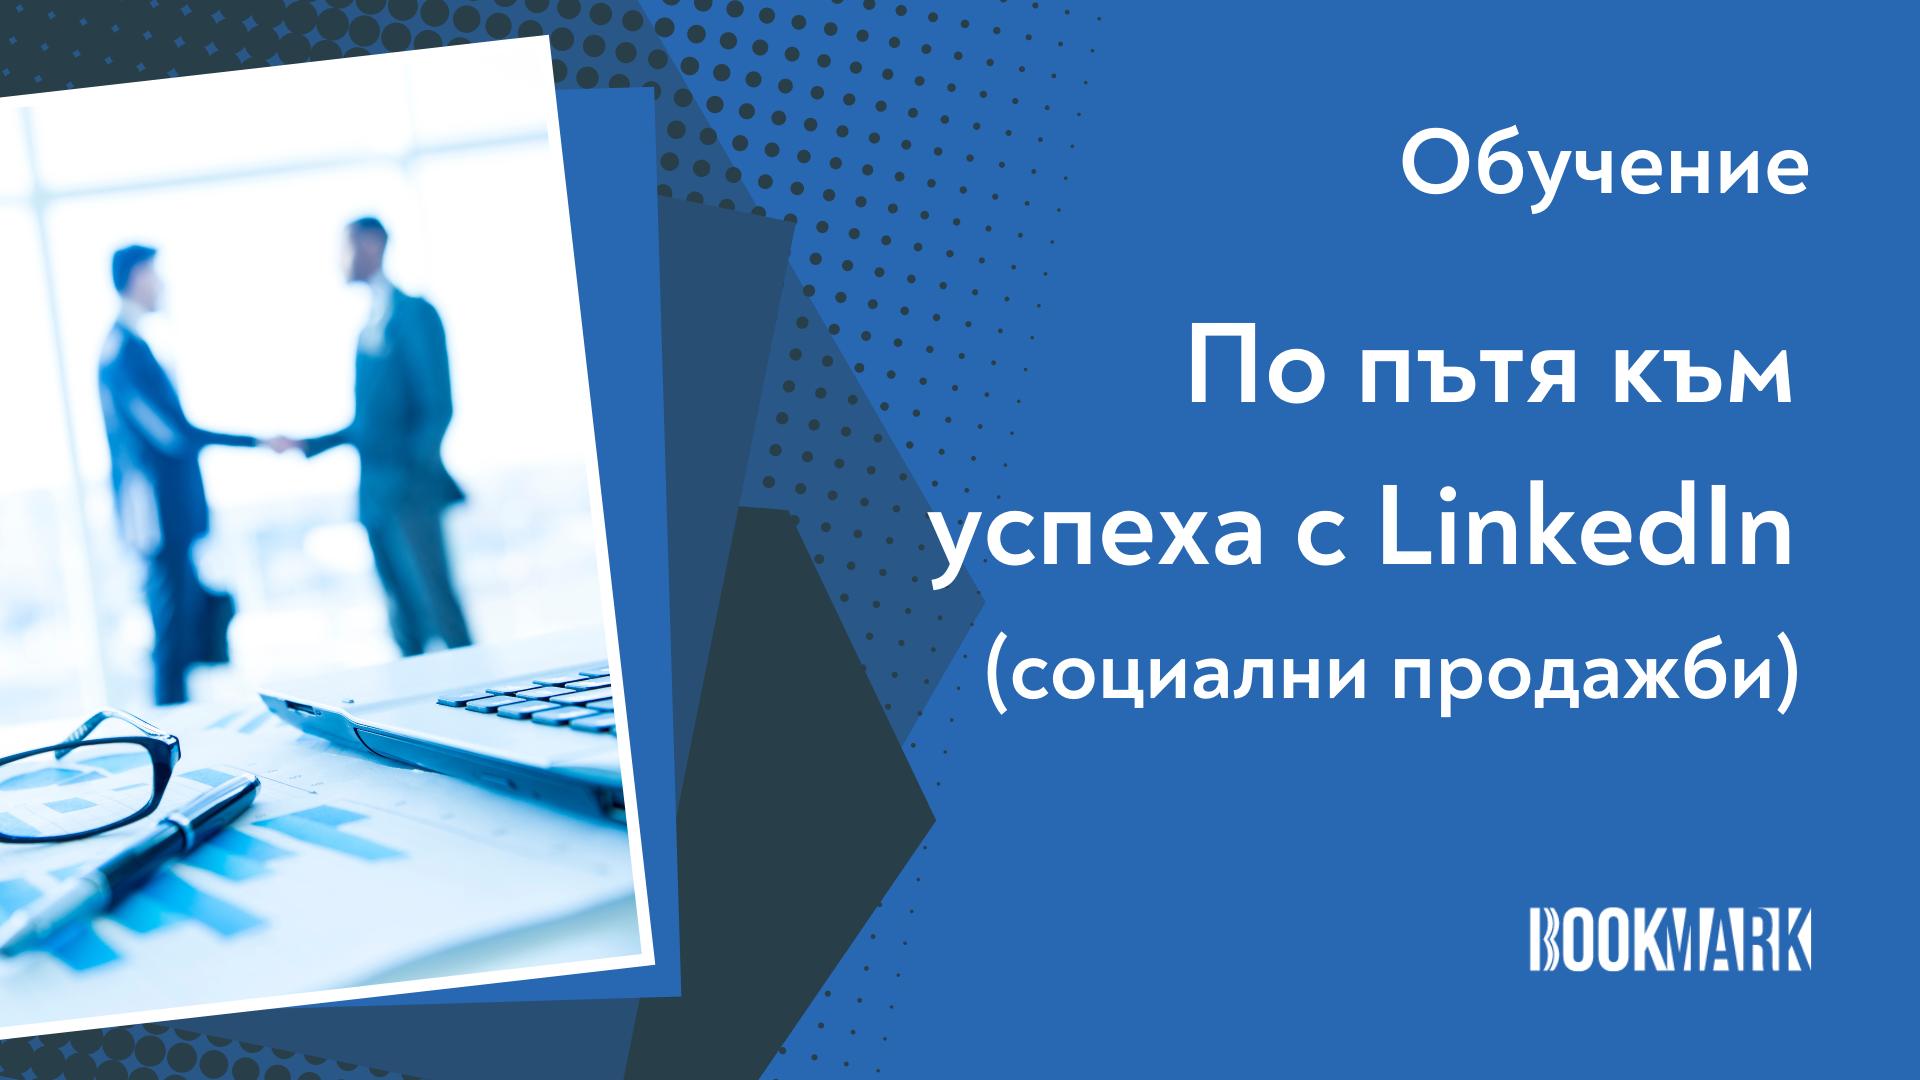 """Обучение """"По пътя към успеха с LinkedIn"""" с фокус социални продажби"""